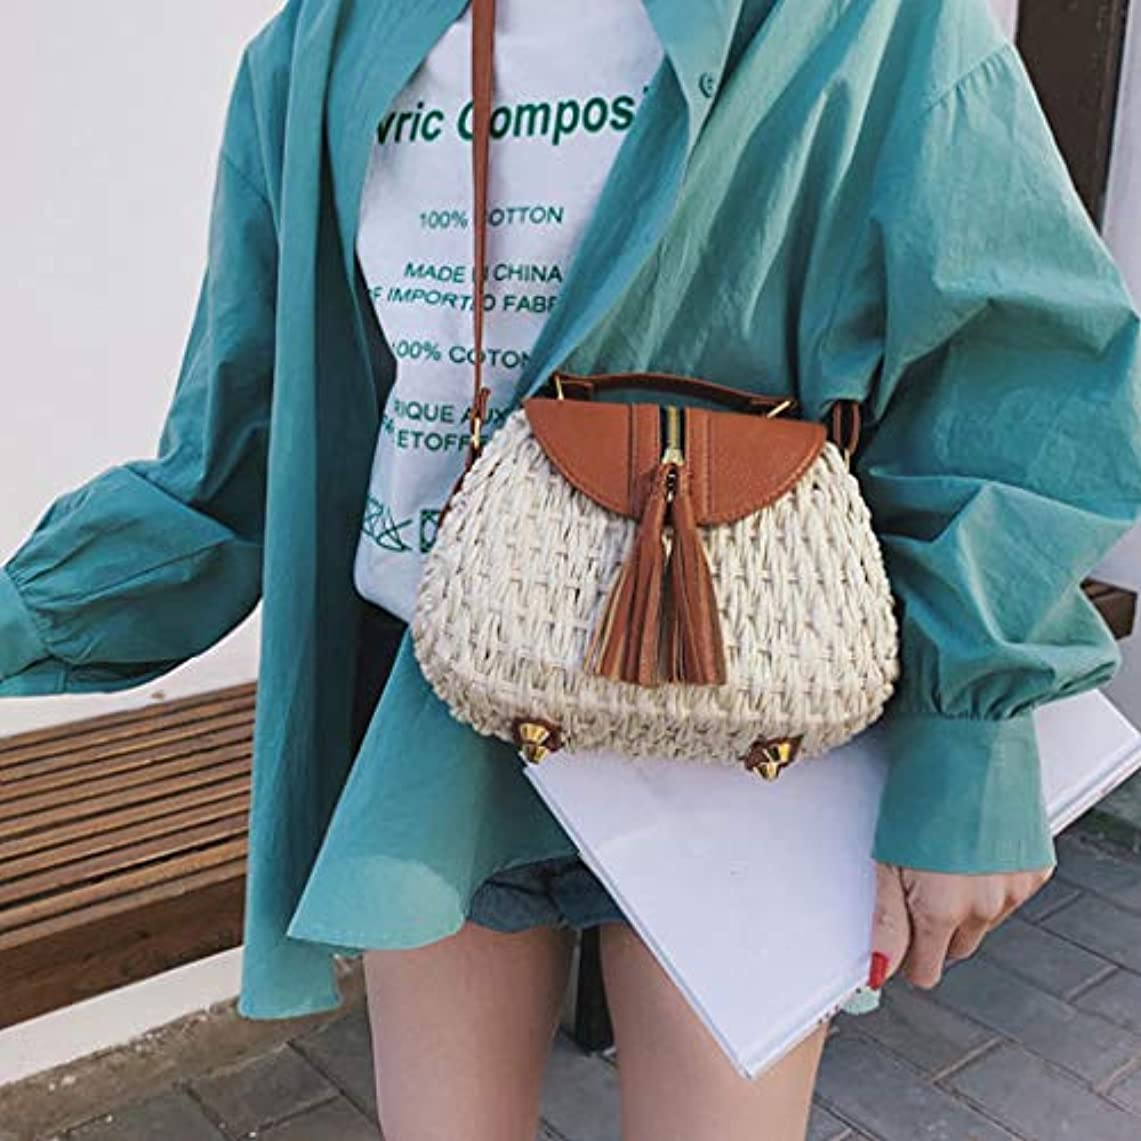 エクスタシースラッシュファンド女性の流行のタッセルはショルダー?バッグ、女性浜の余暇のクロスボディ袋を織ります、女性のタッセルは浜様式のメッセンジャー袋を織ります、女性方法対照色のビーチ様式のメッセンジャー袋 (ベージュ)